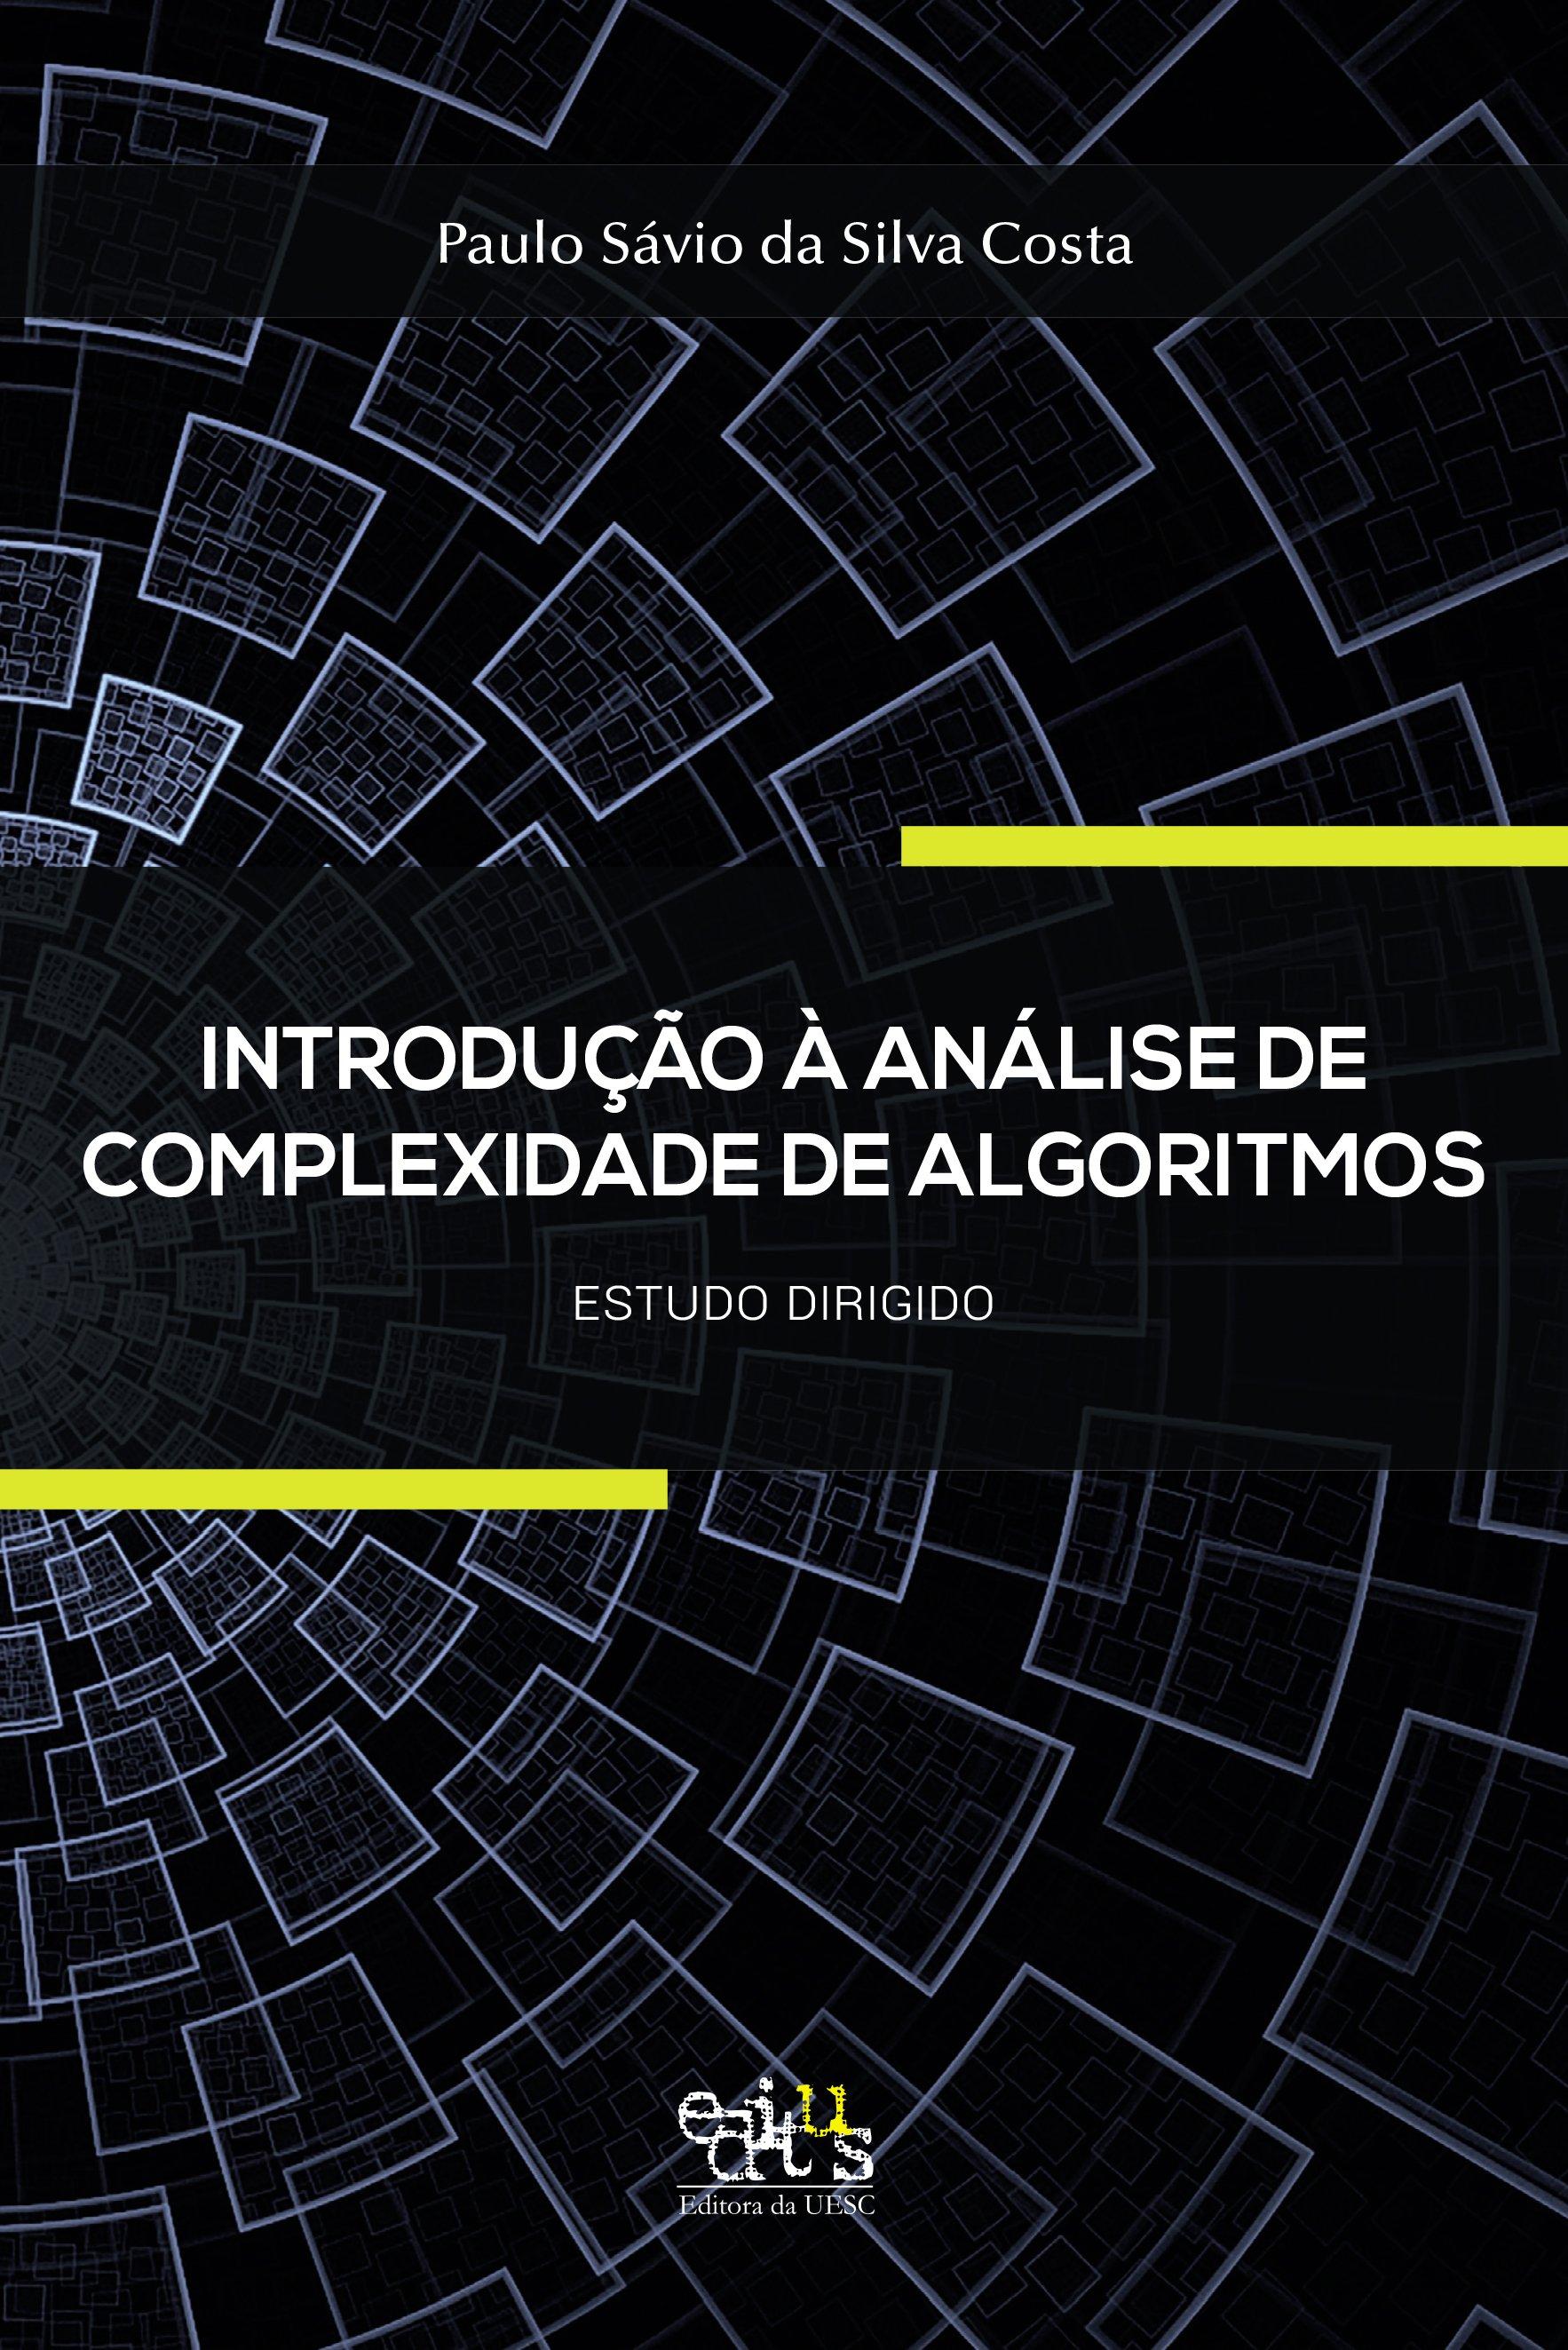 Introdução à análise de complexidade de algoritmos. Estudo dirigido, livro de Paulo Sávio da Silva Costa